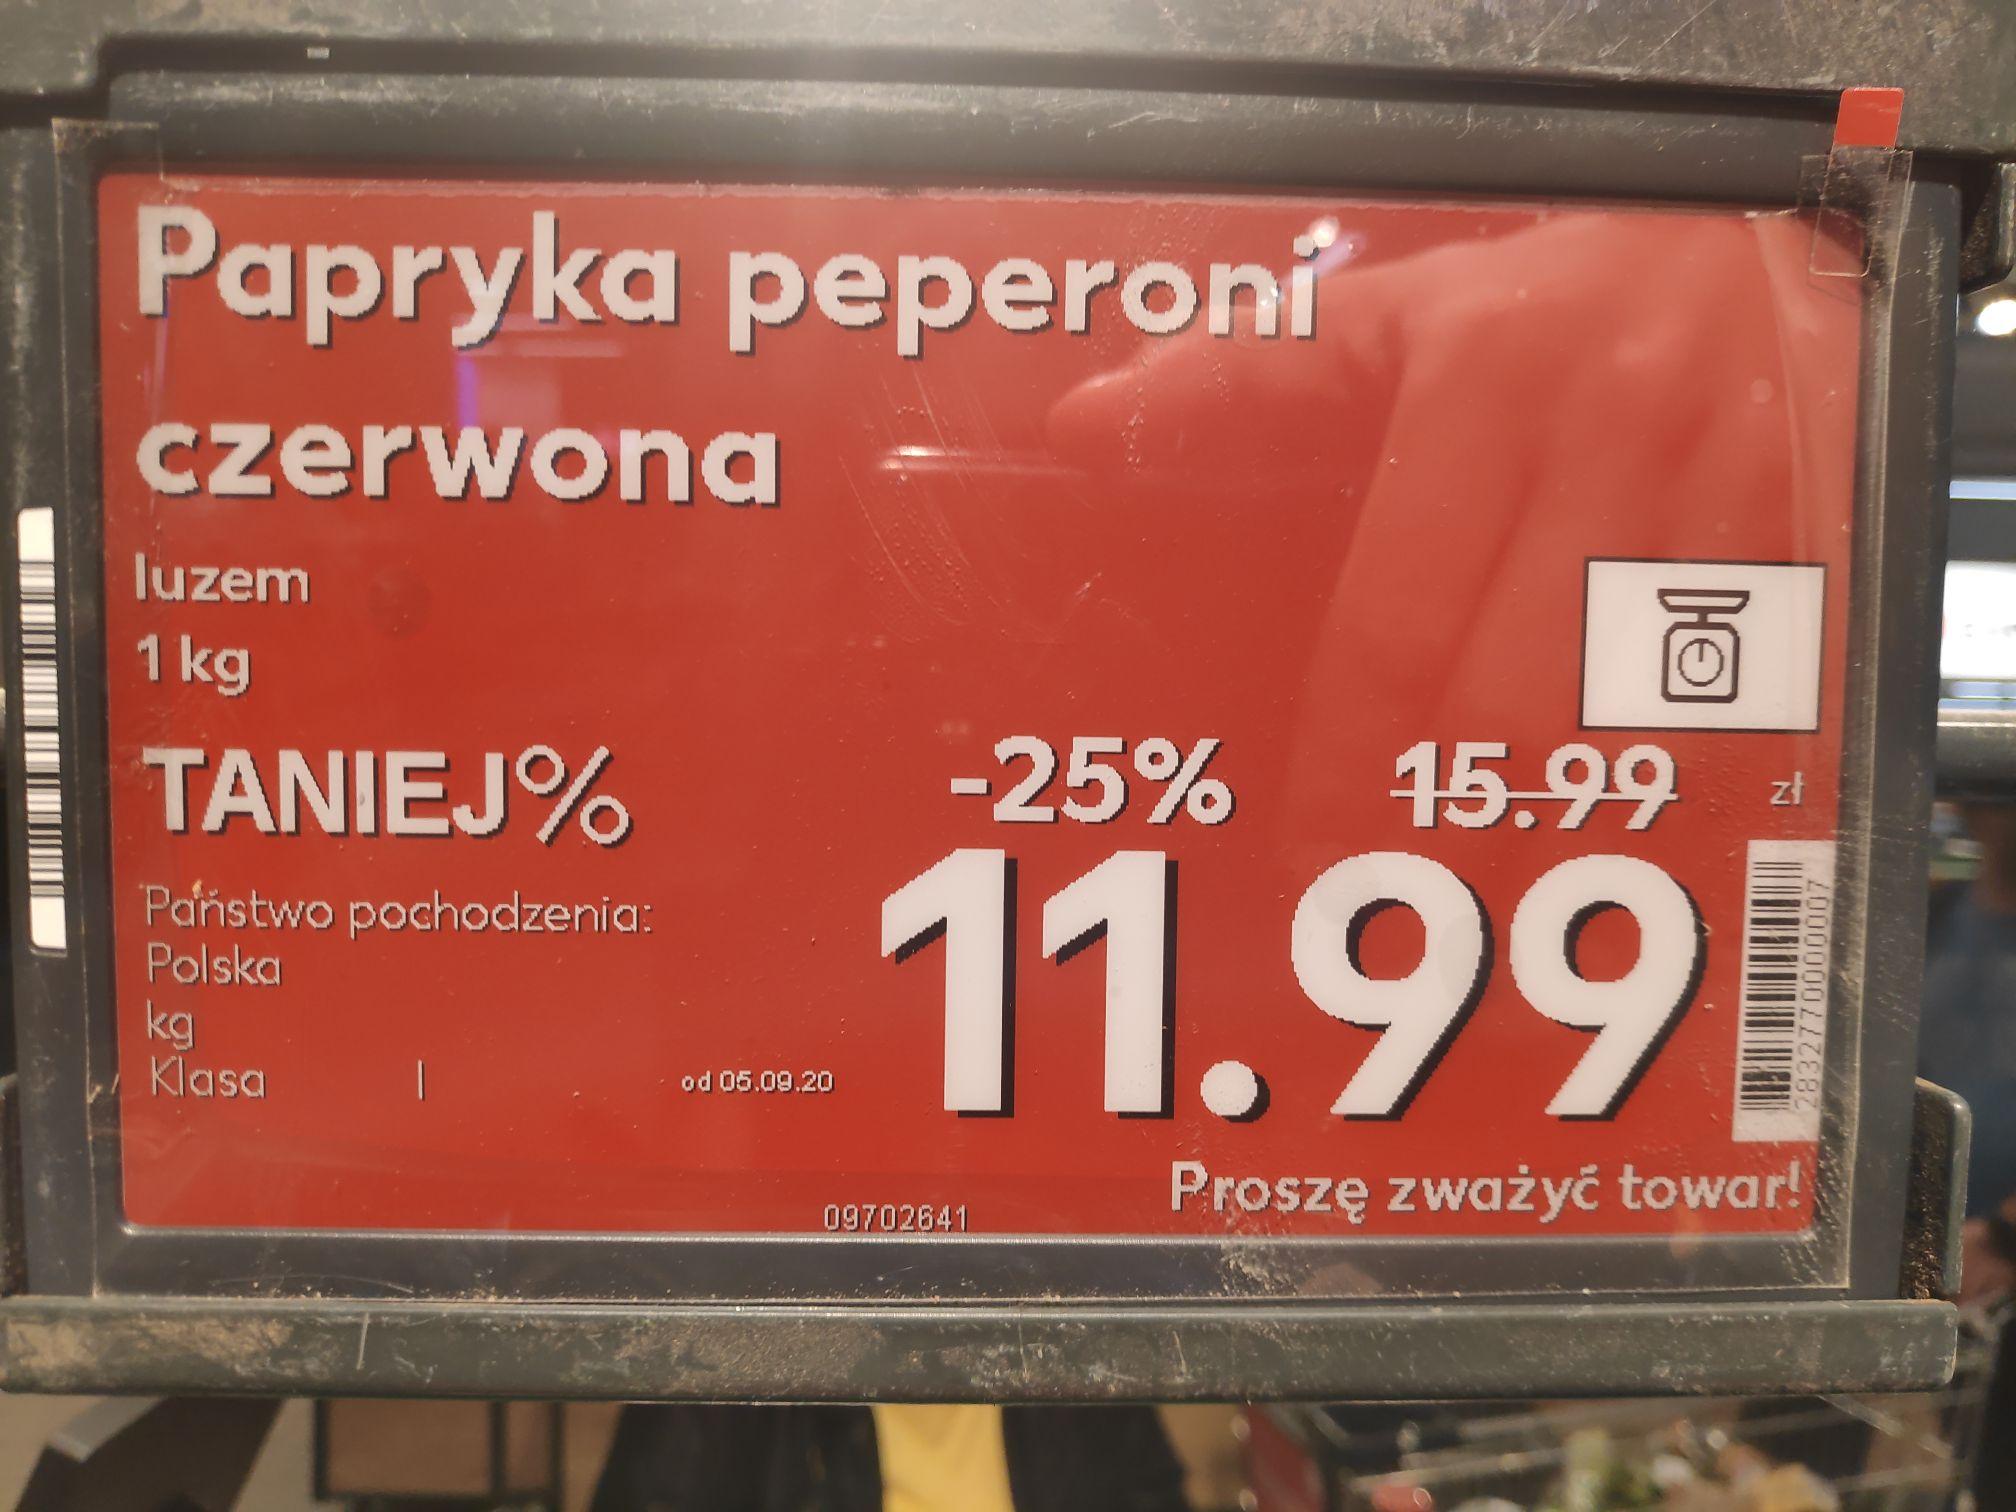 Papryka czerwona pepperoni 11.99 zł/kg @ Kaufland